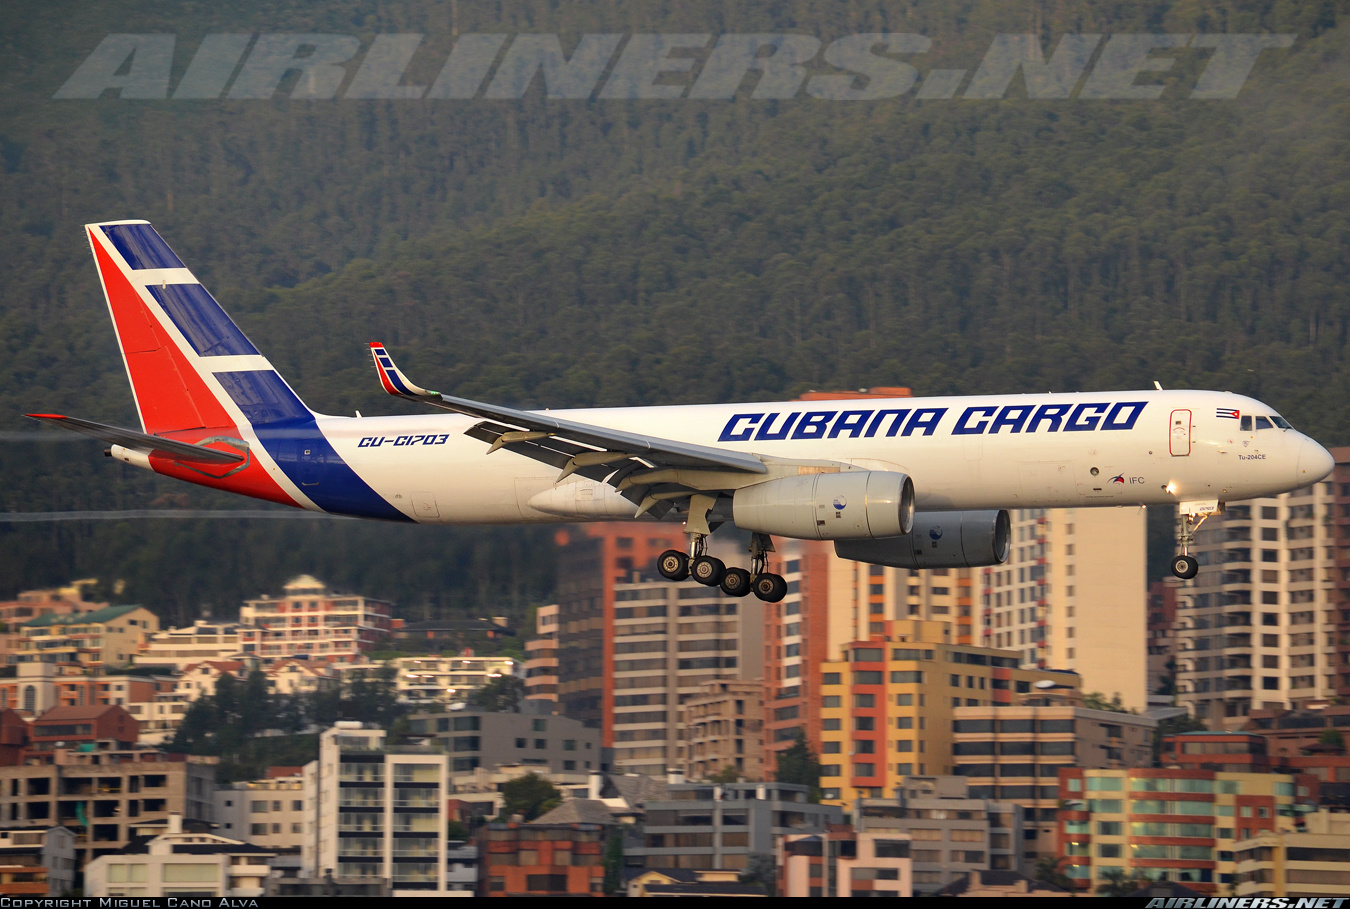 La versión carguera básica es la 100C. Aquí vemos un Tu-204-100CE de Cubana de Aviación tomando tierra en el Mariscal Sucre de Quito, Ecuador. (Fuente: Miguel Cano Alva / Airliners.net)